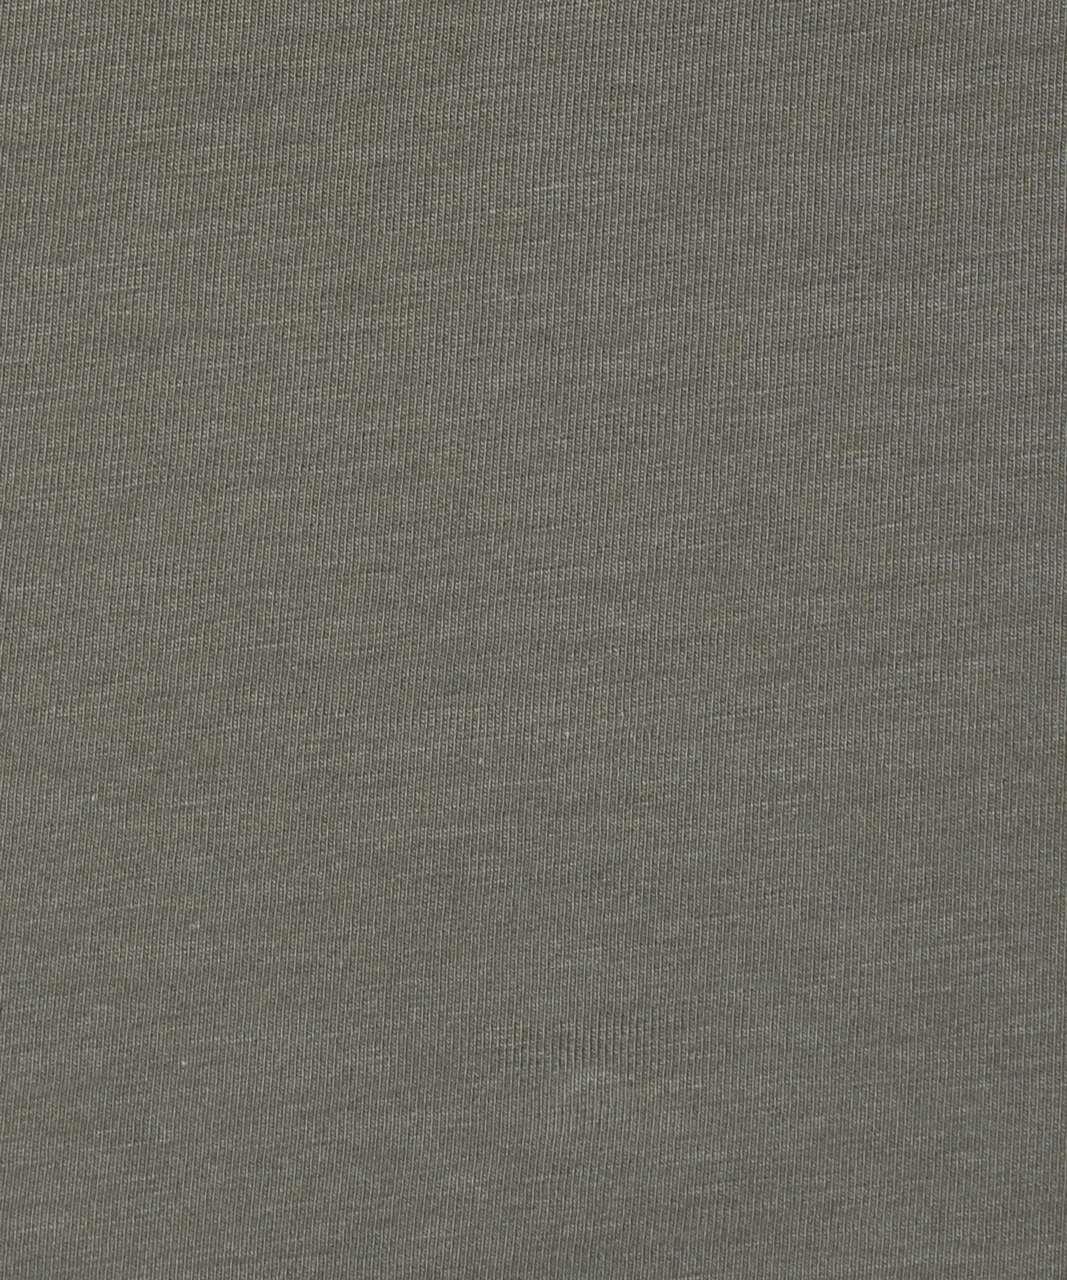 Lululemon Brunswick Muscle Tank - Grey Sage